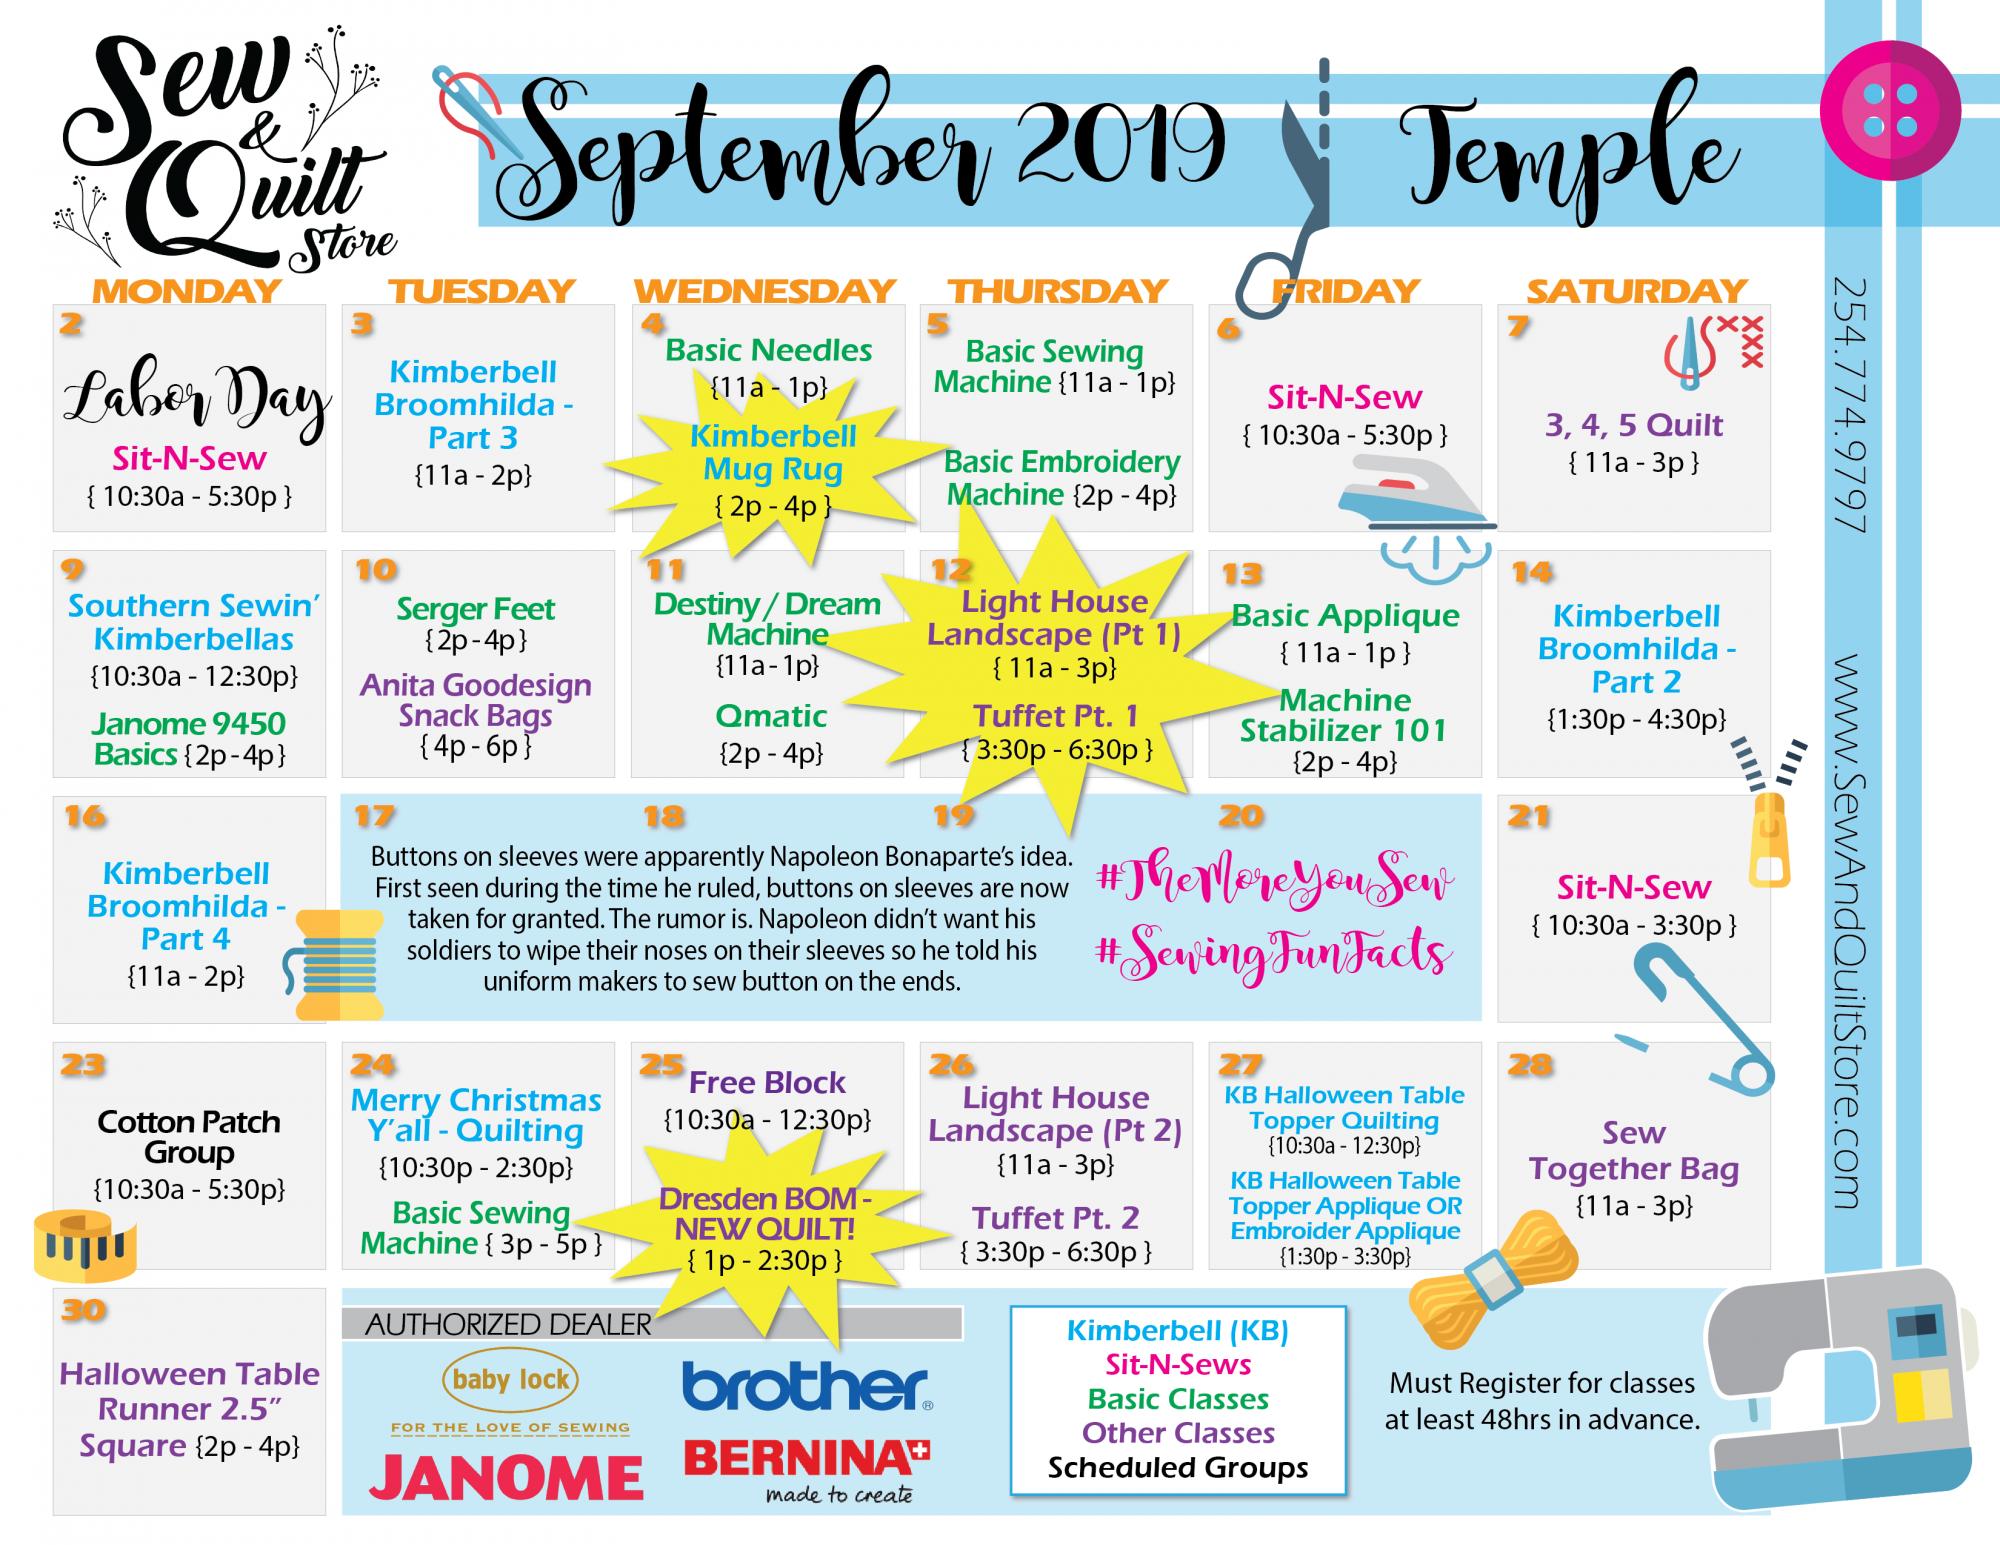 September 2019 Temple Sew & Quilt Class Calendar